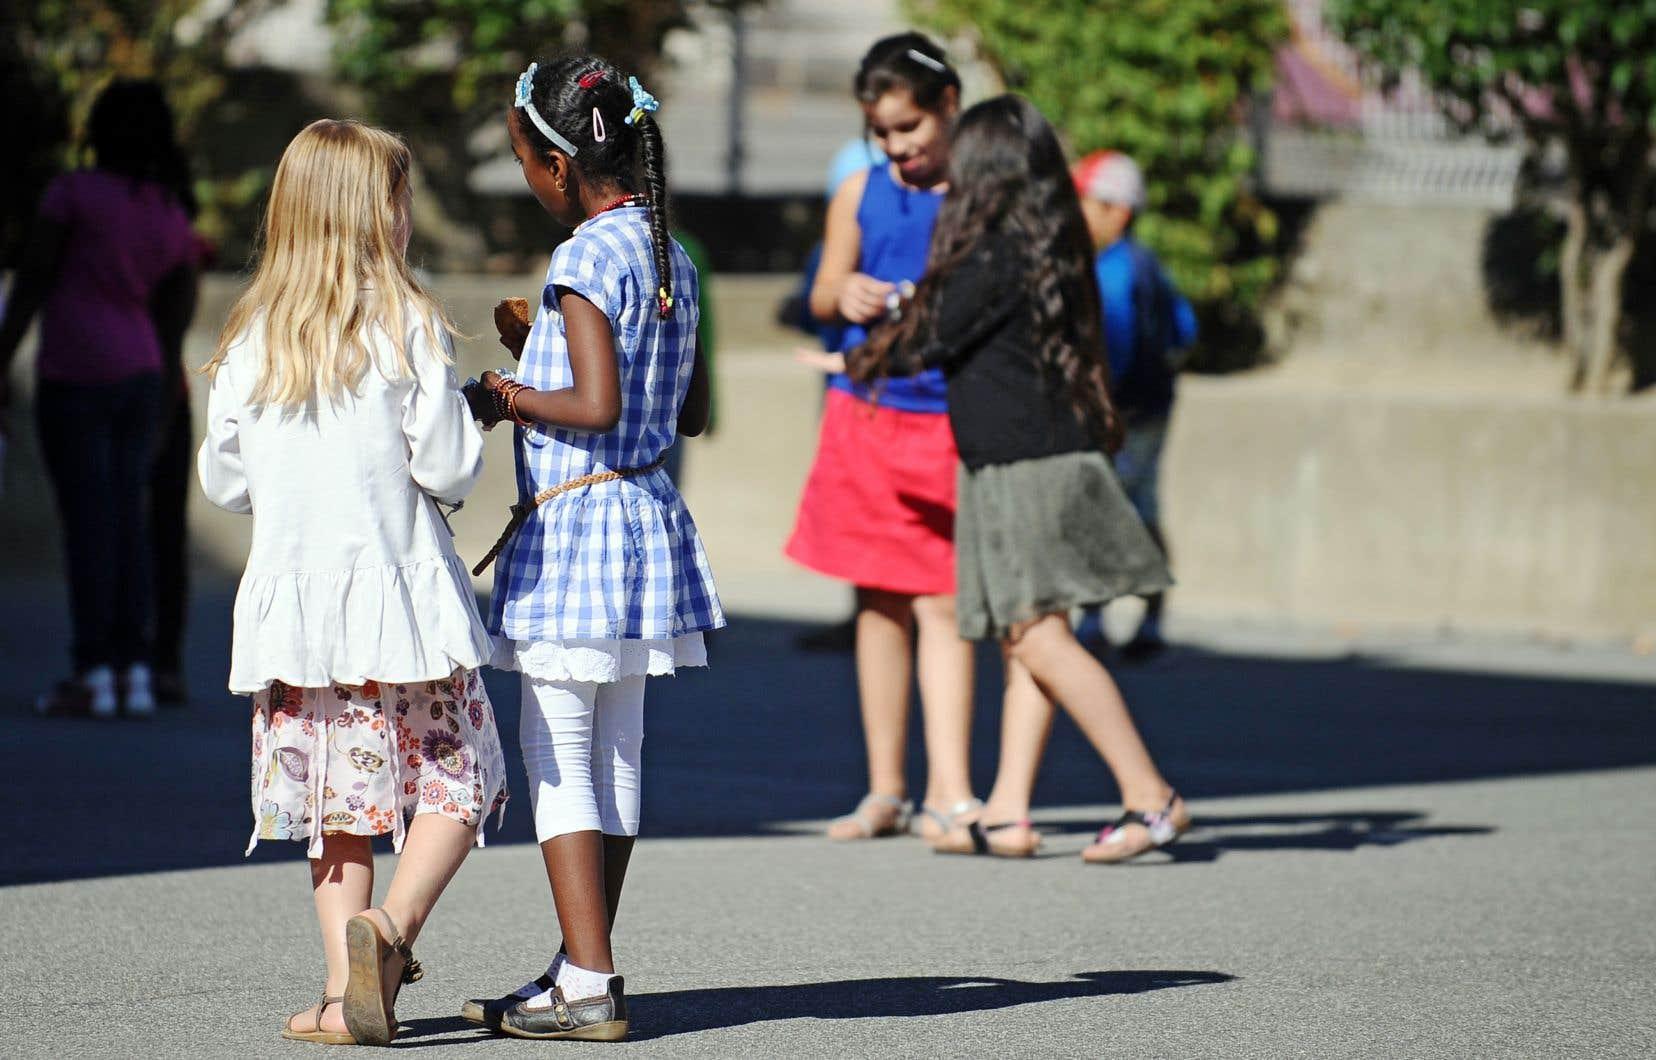 Les écoles ont recours au plan de lutte contre l'intimidation et la violence pour traiter les cas de violence sexuelle. Mais ce n'est pas suffisant, plaidait récemment une coalition.